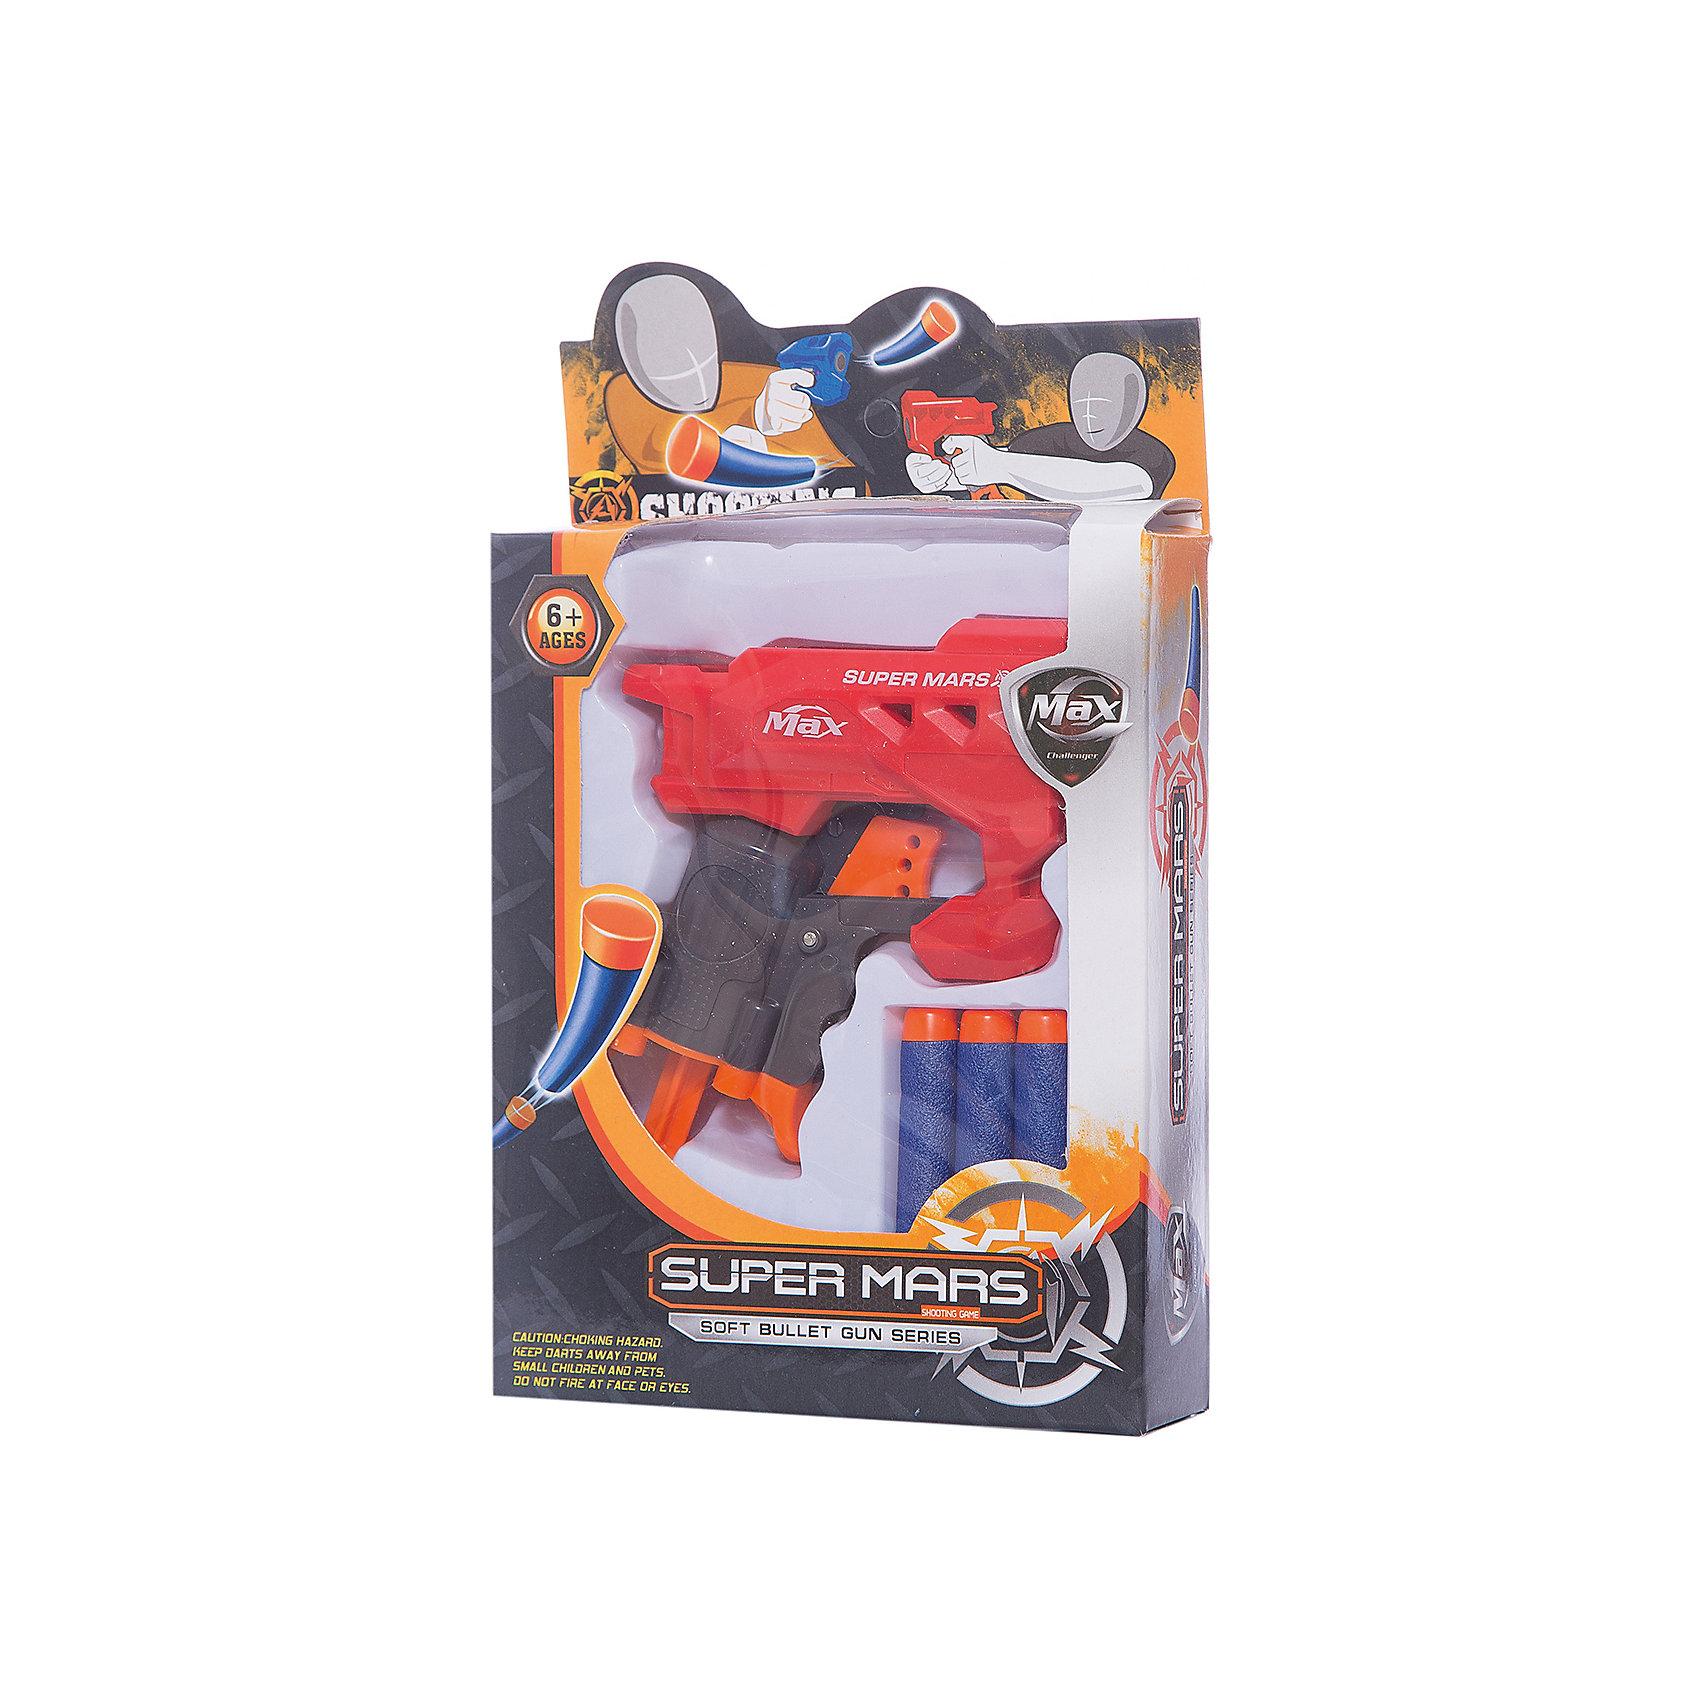 Бластер с мягкими 3-мя снарядами, JunfaБластеры, пистолеты и прочее<br>Бластер с мягкими 3-мя снарядами, Junfa (Джунфа)<br><br>Характеристики:<br><br>• безопасен для детей<br>• в комплекте: бластер, 3 снаряда<br>• размер упаковки: 15х4х23 см<br>• вес: 135 грамм<br><br>Бластер - любимое оружие многих мальчишек. Он точно стреляет в цель, не  оставляя противнику шансов на победу. В комплект Junfa входят три снаряда и крутой бластер, выполненный в красном и черном цветах. Снаряды мягкие, благодаря чему ребенок не травмируется даже при попадании с близкого расстояния. Игра с бластером поможет развить меткость и координацию движений.<br><br>Бластер с мягкими 3-мя снарядами, Junfa (Джунфа) вы можете купить в нашем интернет-магазине.<br><br>Ширина мм: 150<br>Глубина мм: 230<br>Высота мм: 40<br>Вес г: 135<br>Возраст от месяцев: 36<br>Возраст до месяцев: 2147483647<br>Пол: Мужской<br>Возраст: Детский<br>SKU: 5571407